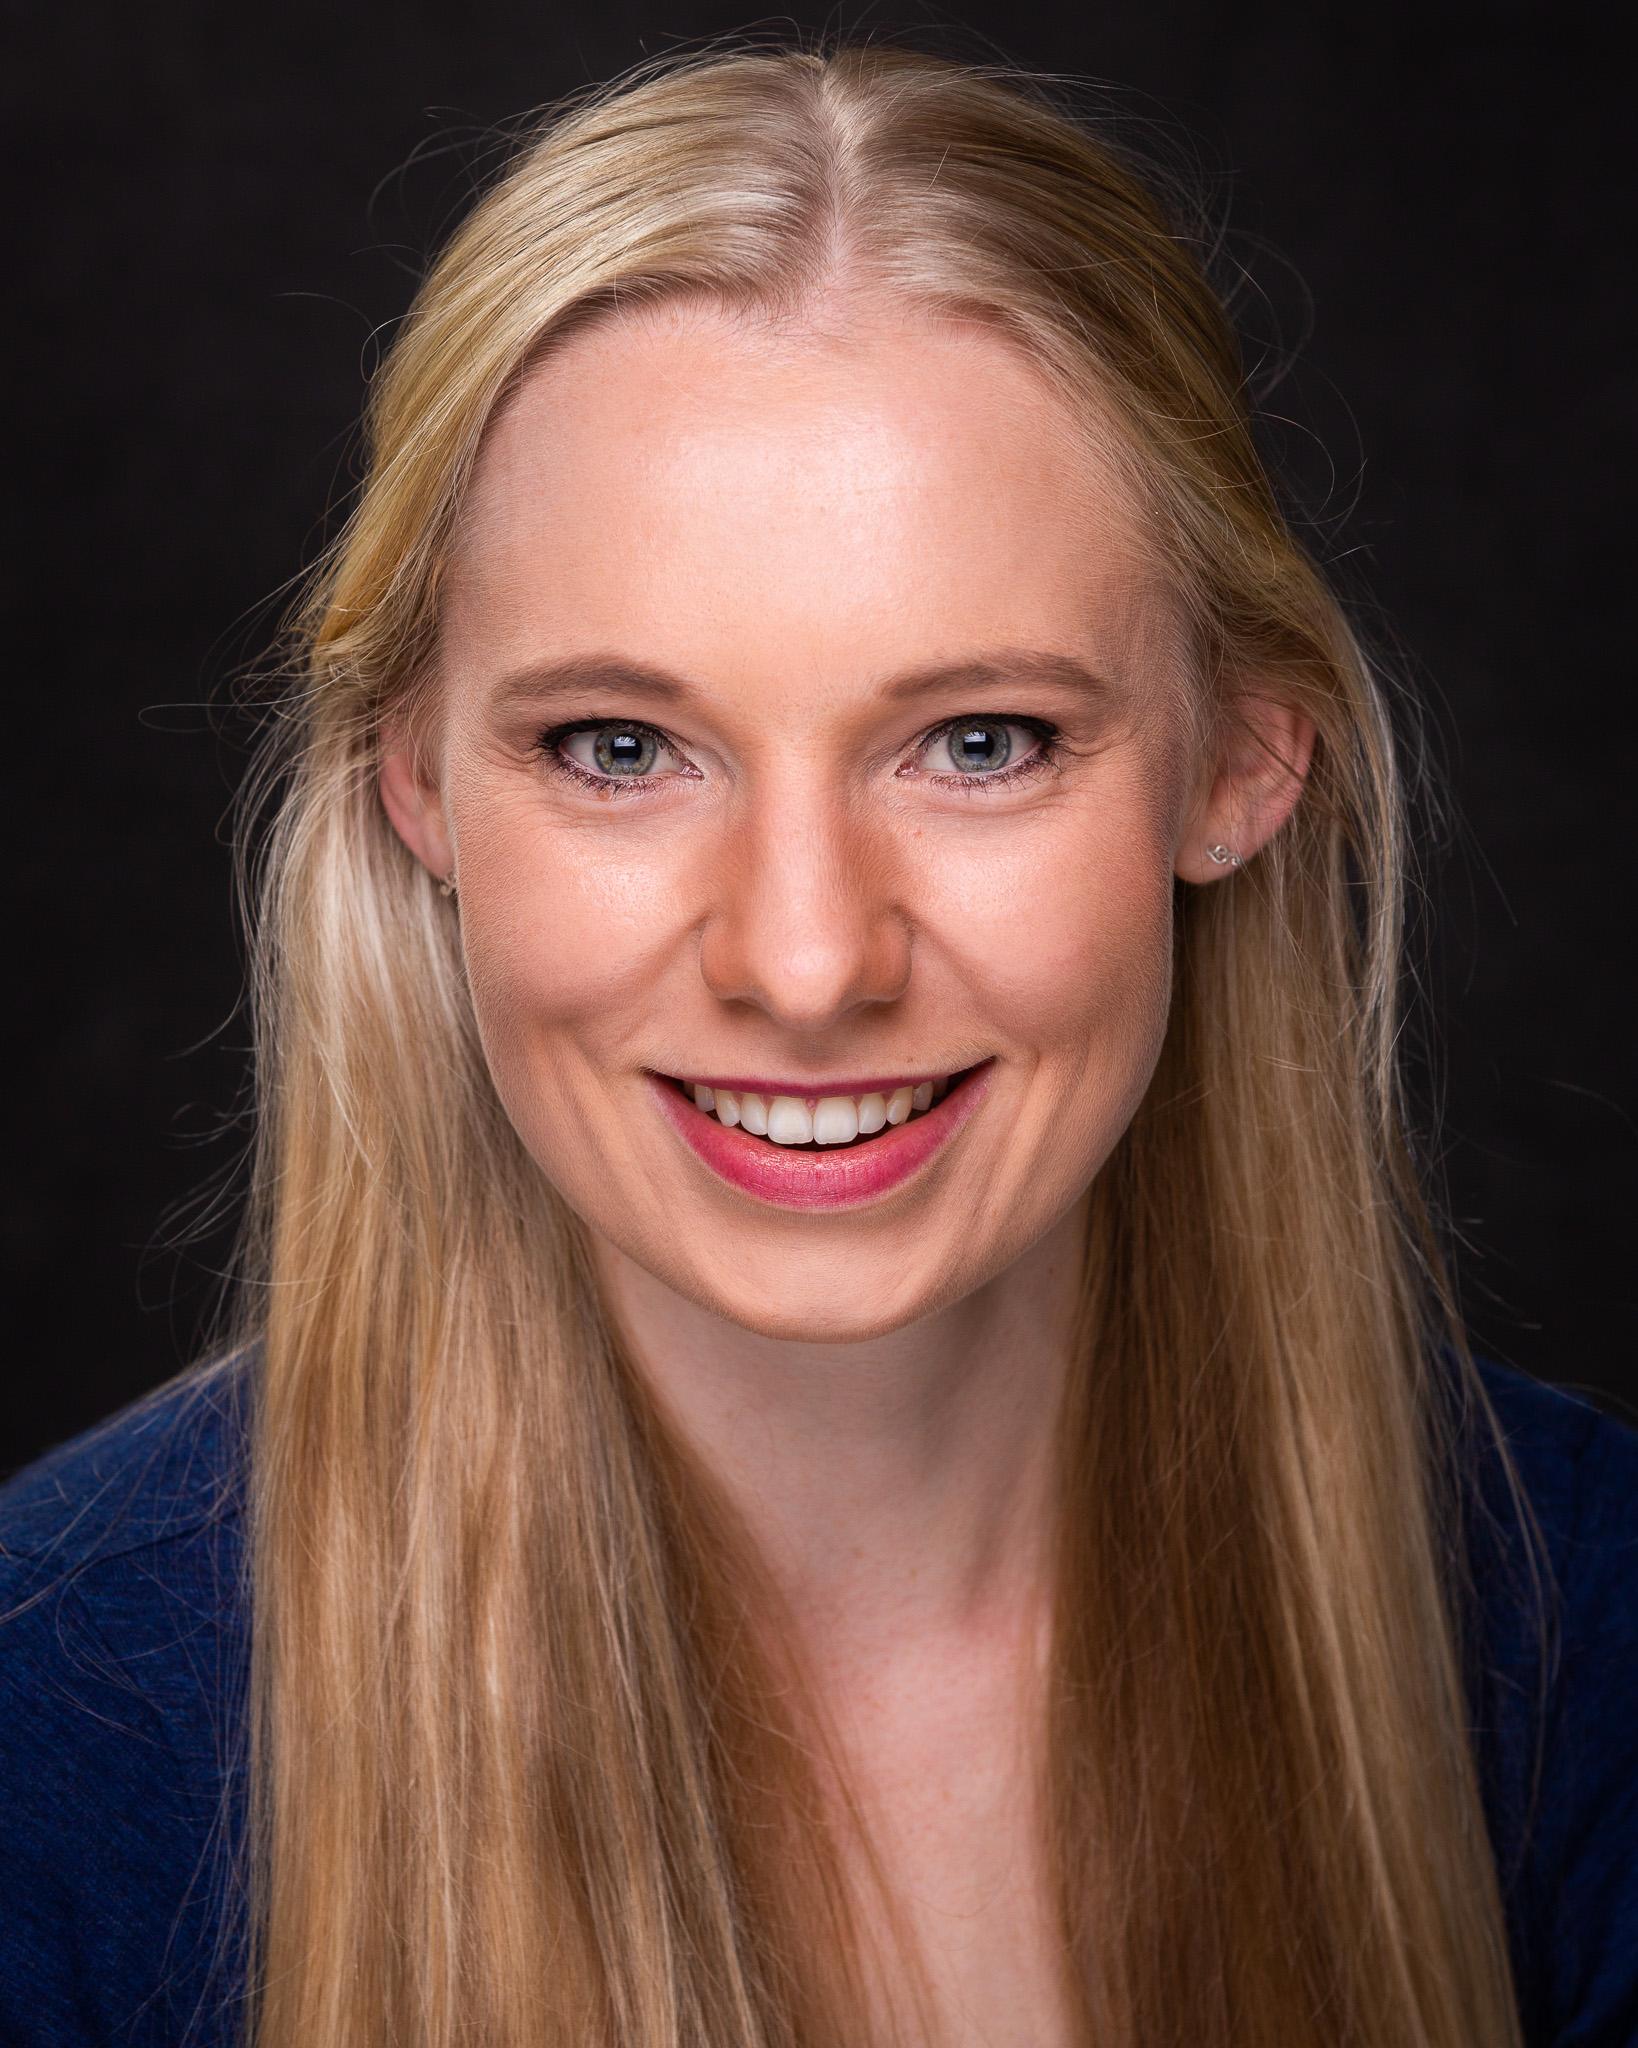 Hannah Kassulke